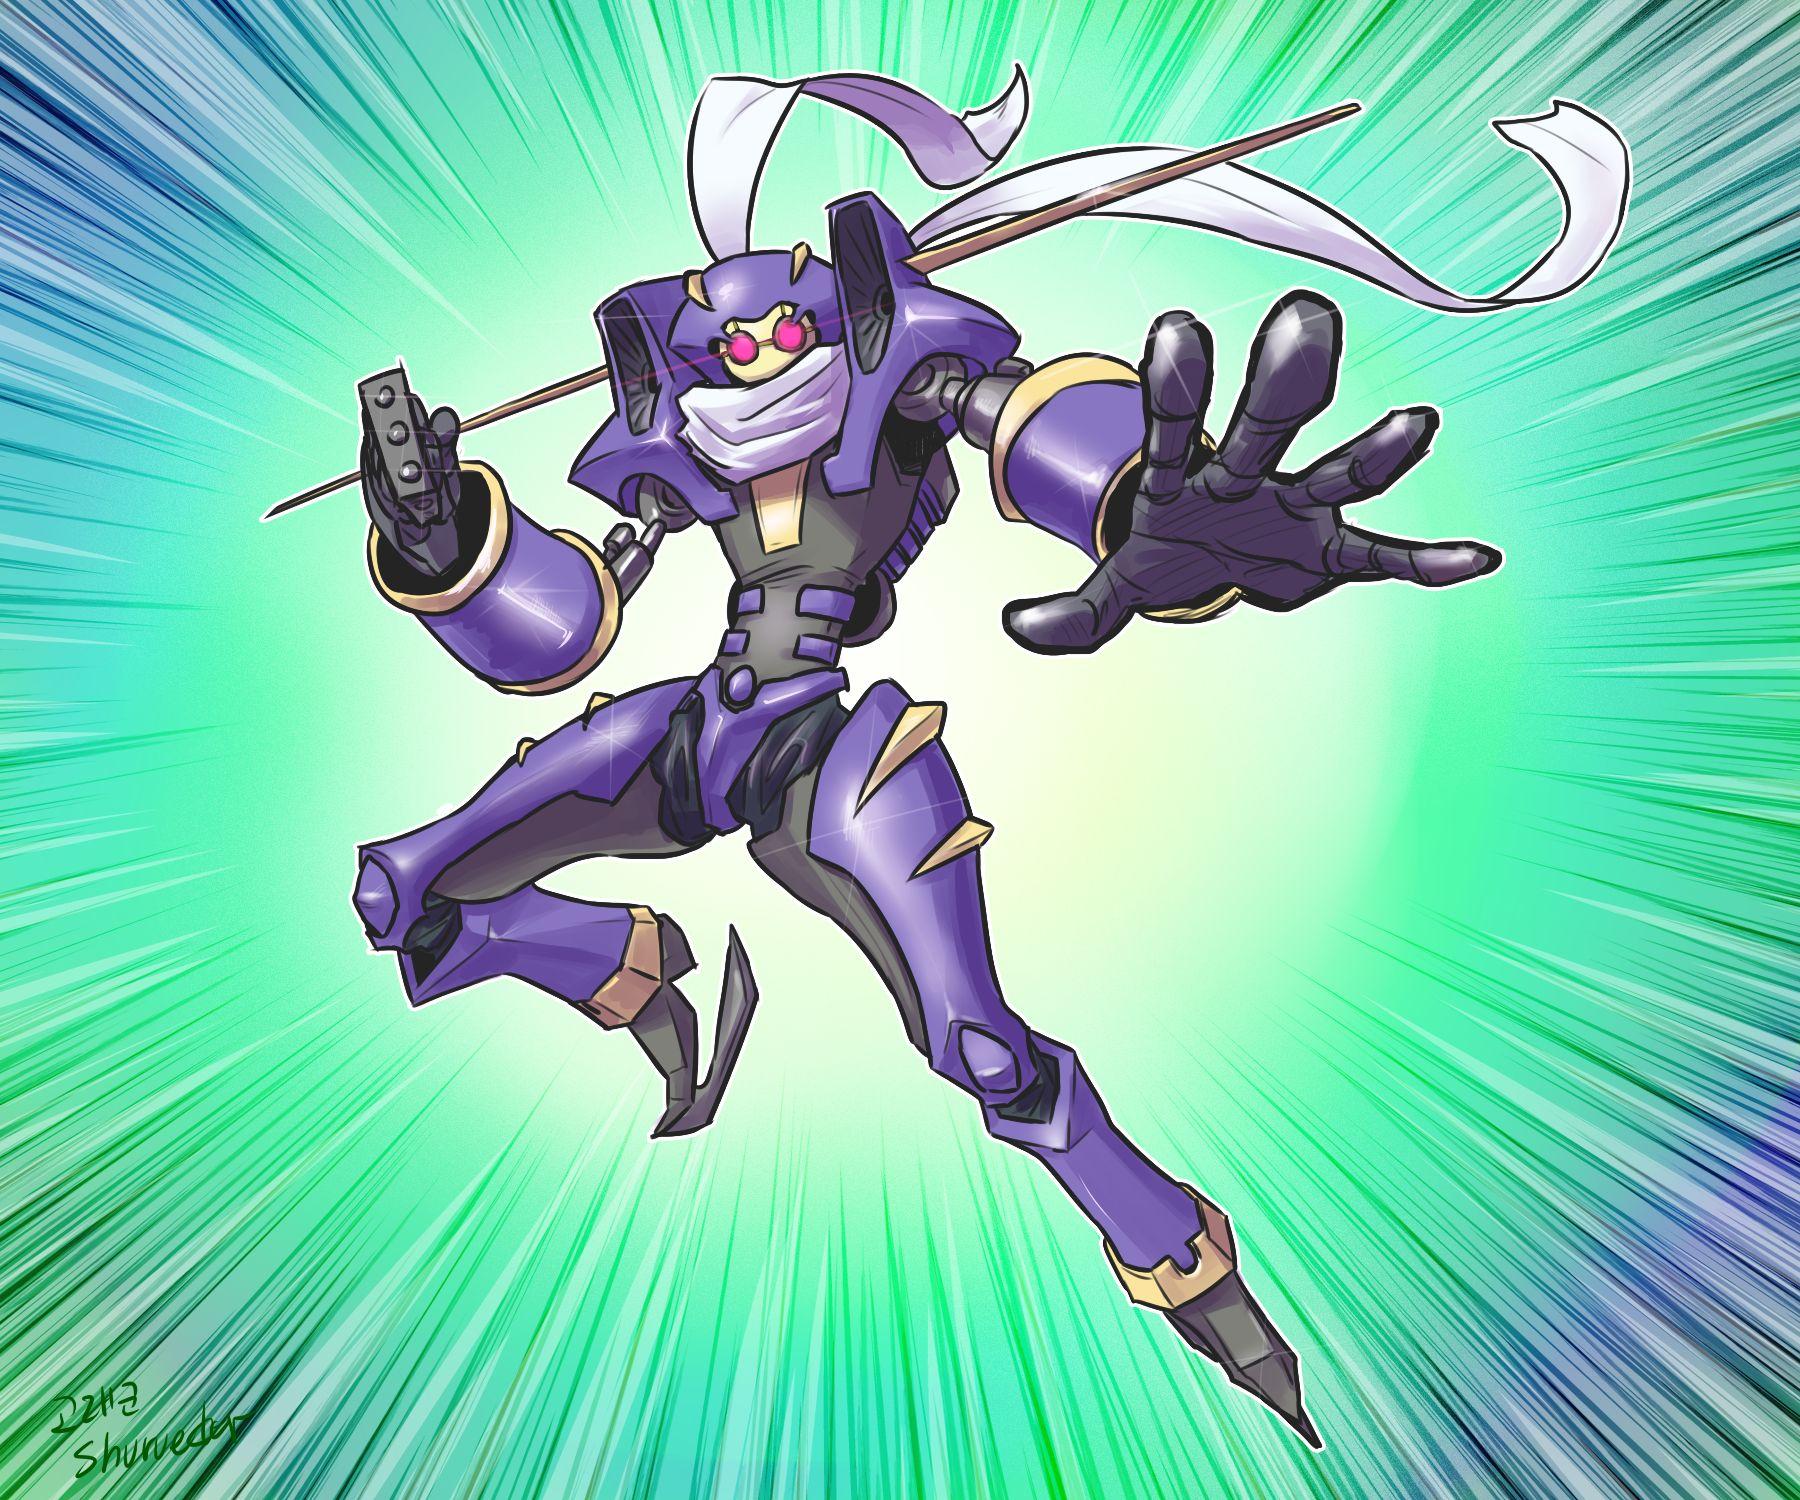 Genex Army Yugioh Fandom Powered By Wikia: Anime, Yu Gi Oh 5d's, Manga